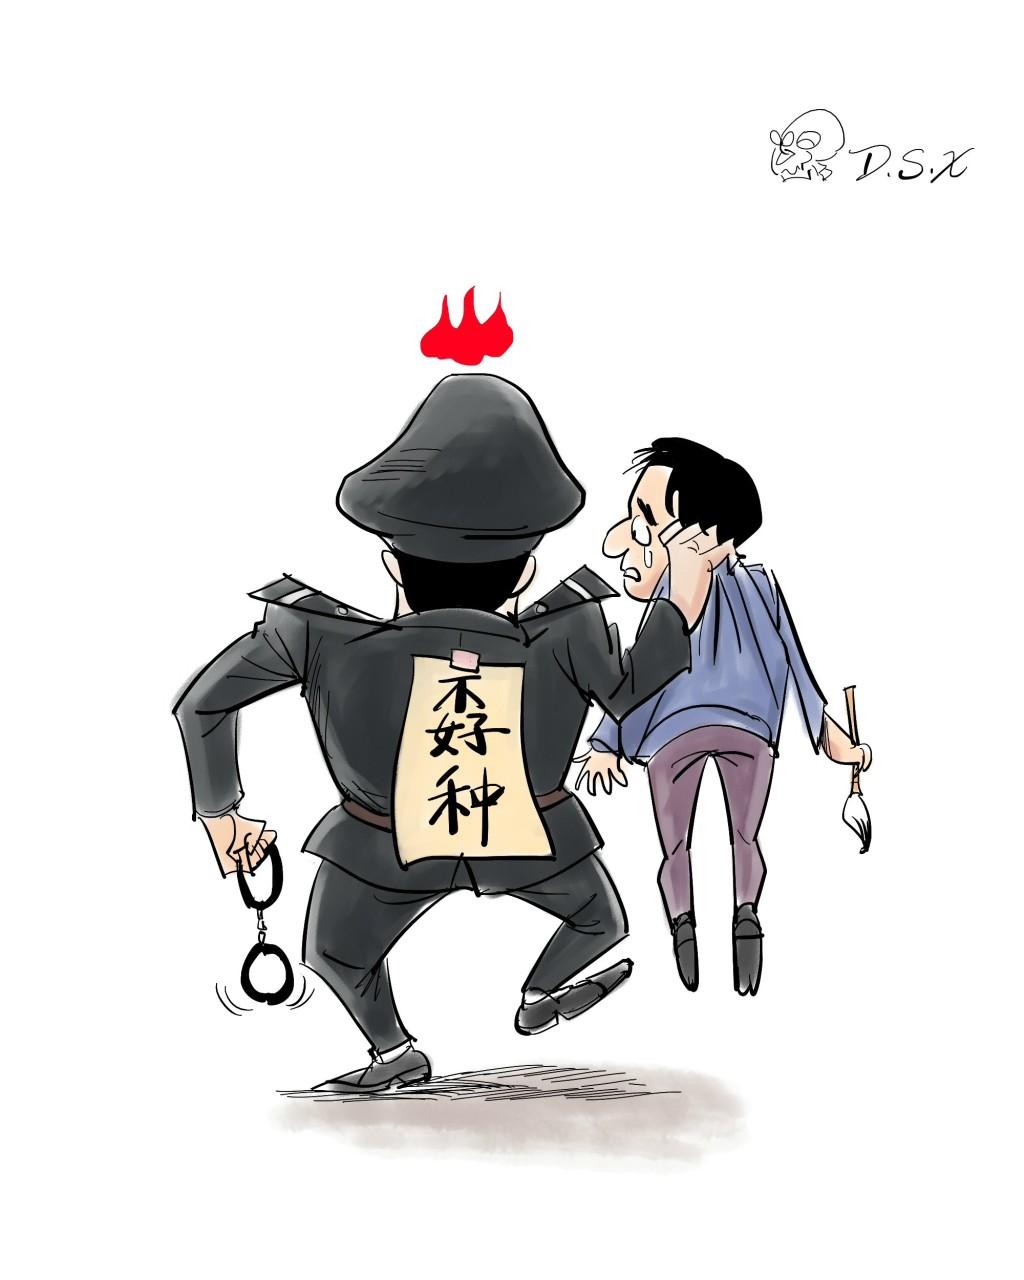 财经网 | 河南南阳两交警抢开罚单引争执